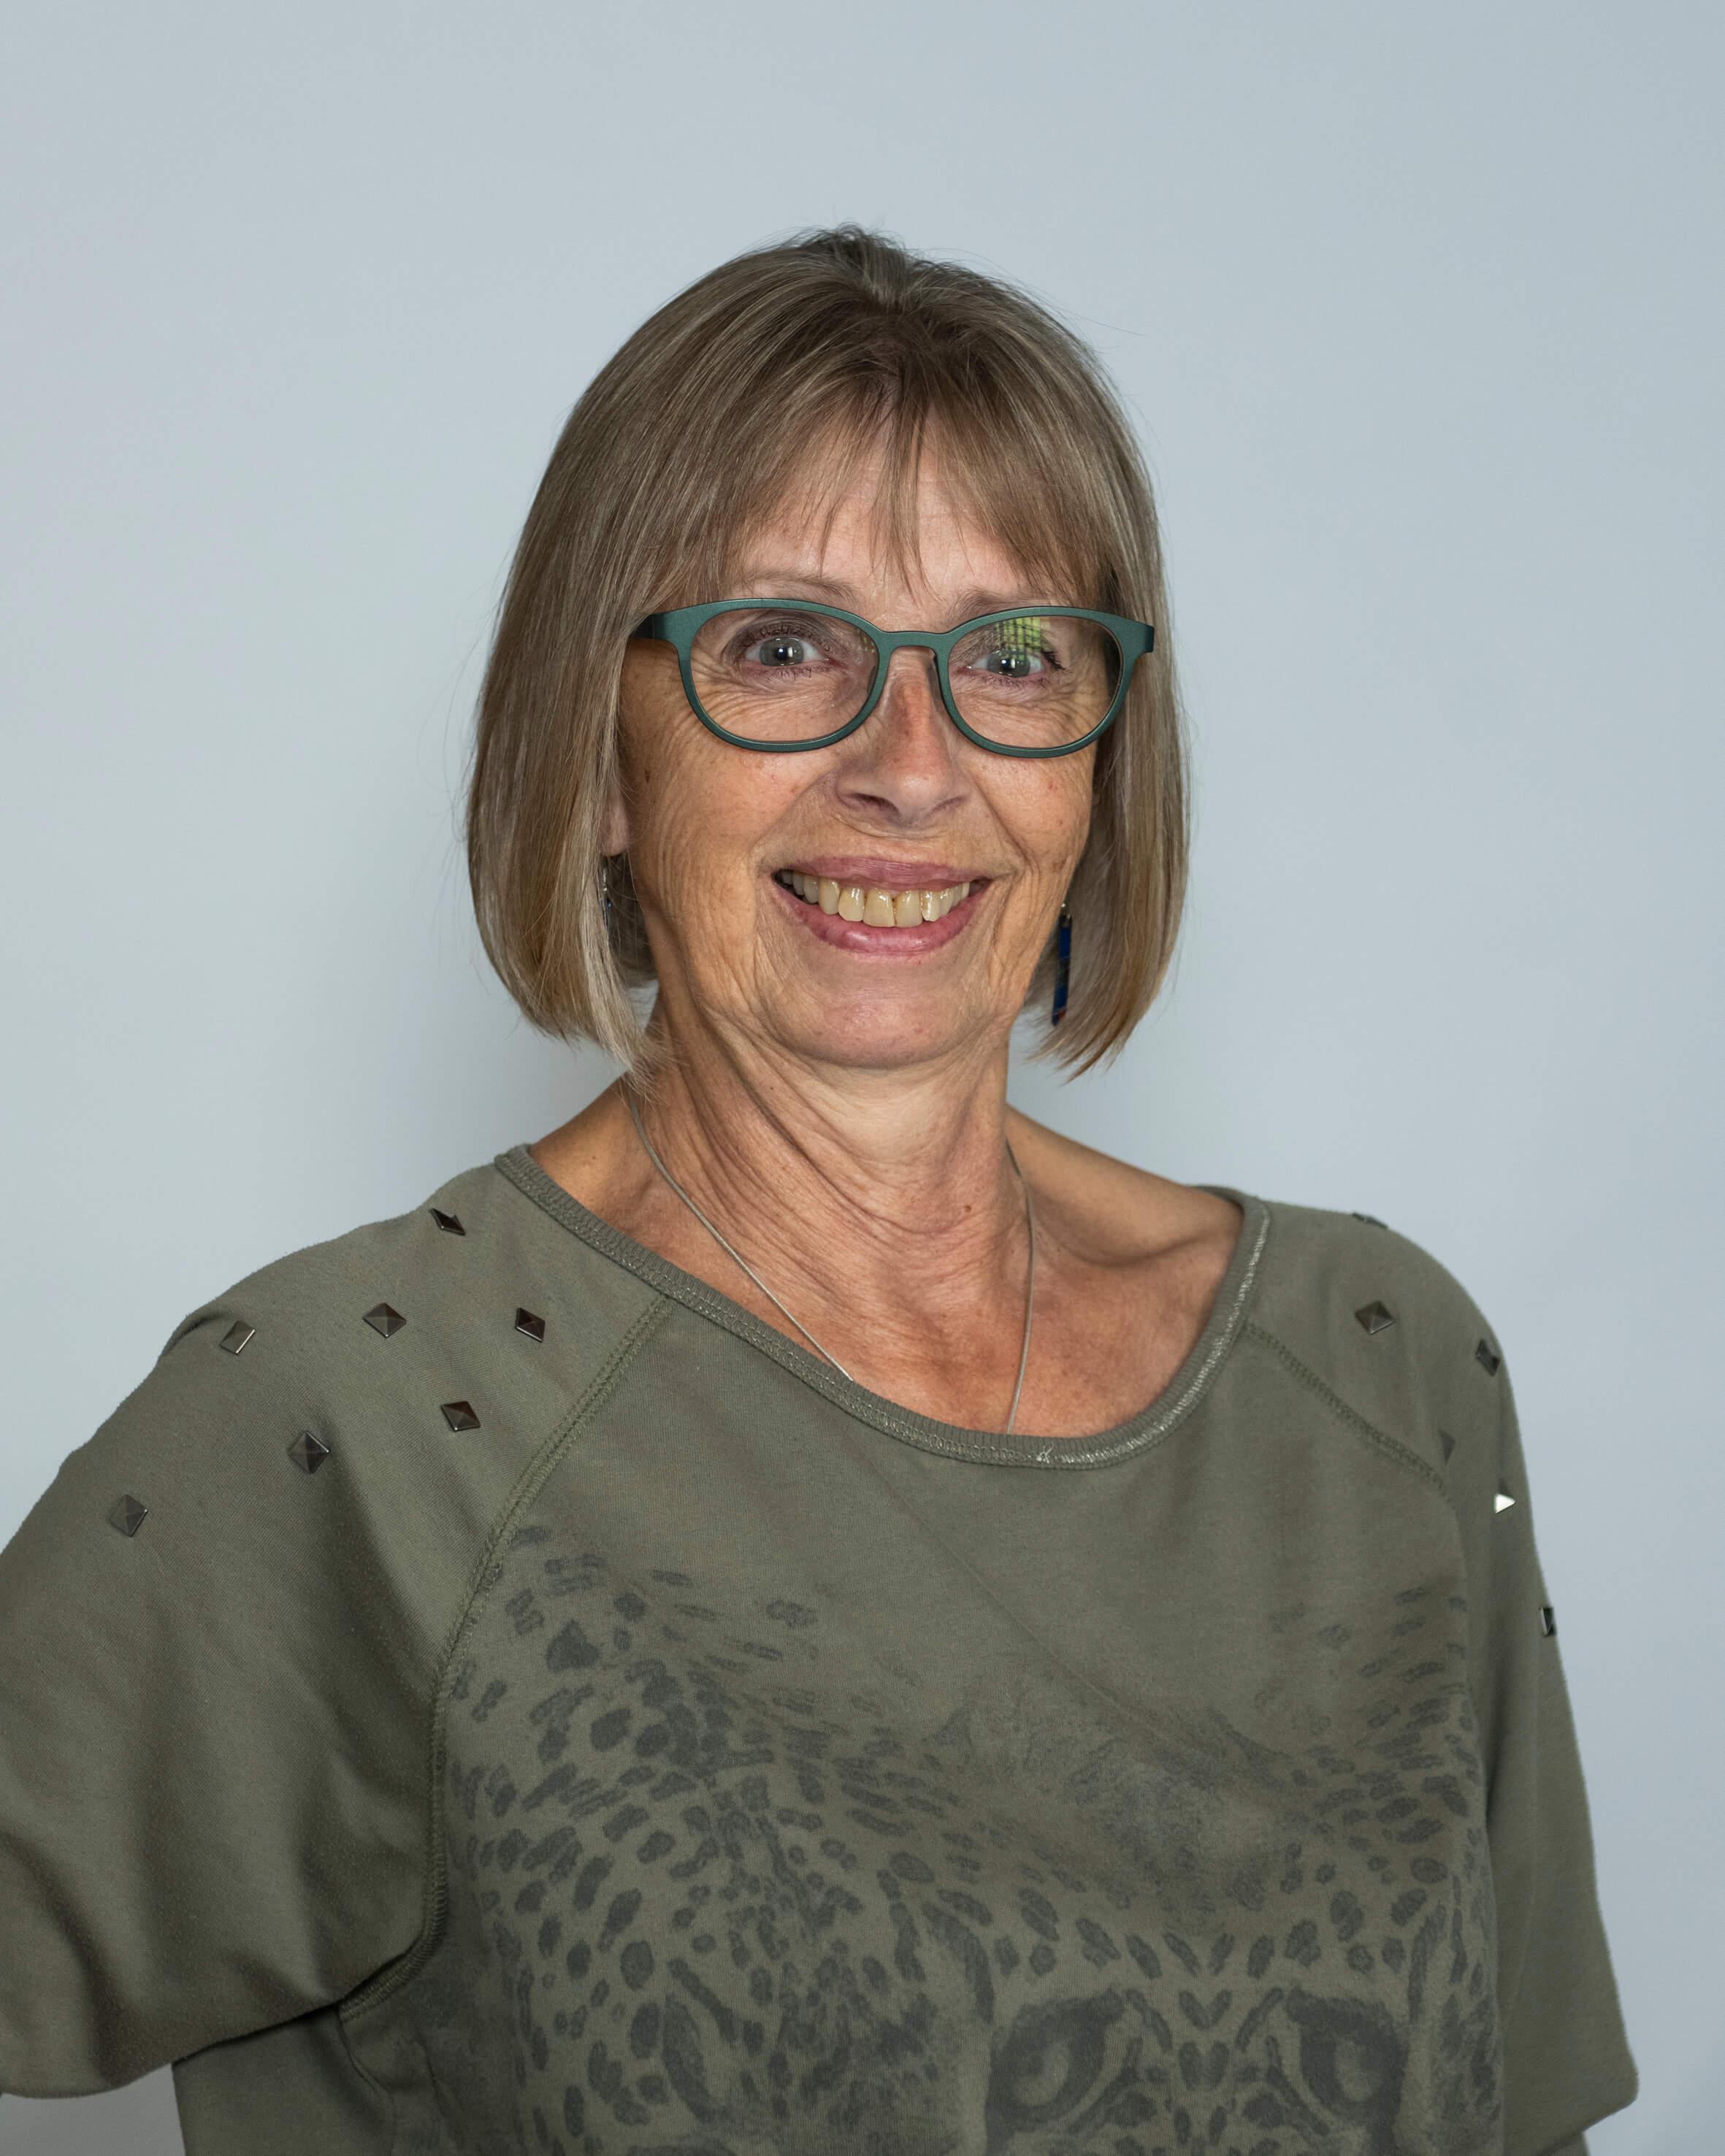 Margrethe Moen